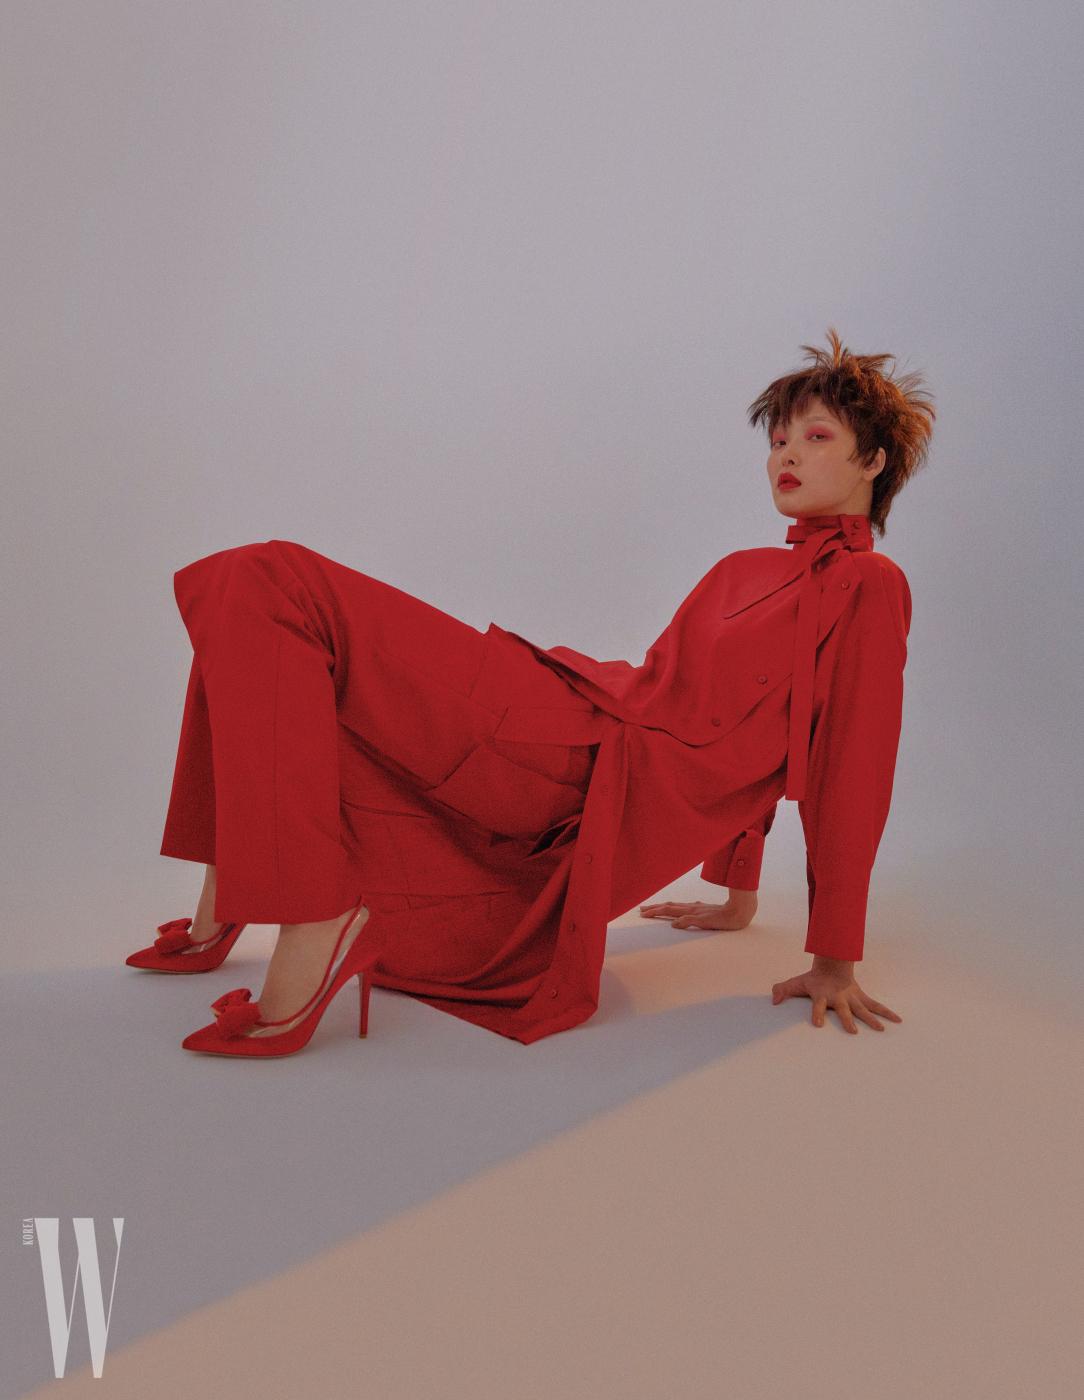 리본 장식 드레스 셔츠, 팬츠, 리본 장식 힐은 모두 Valentino 제품.